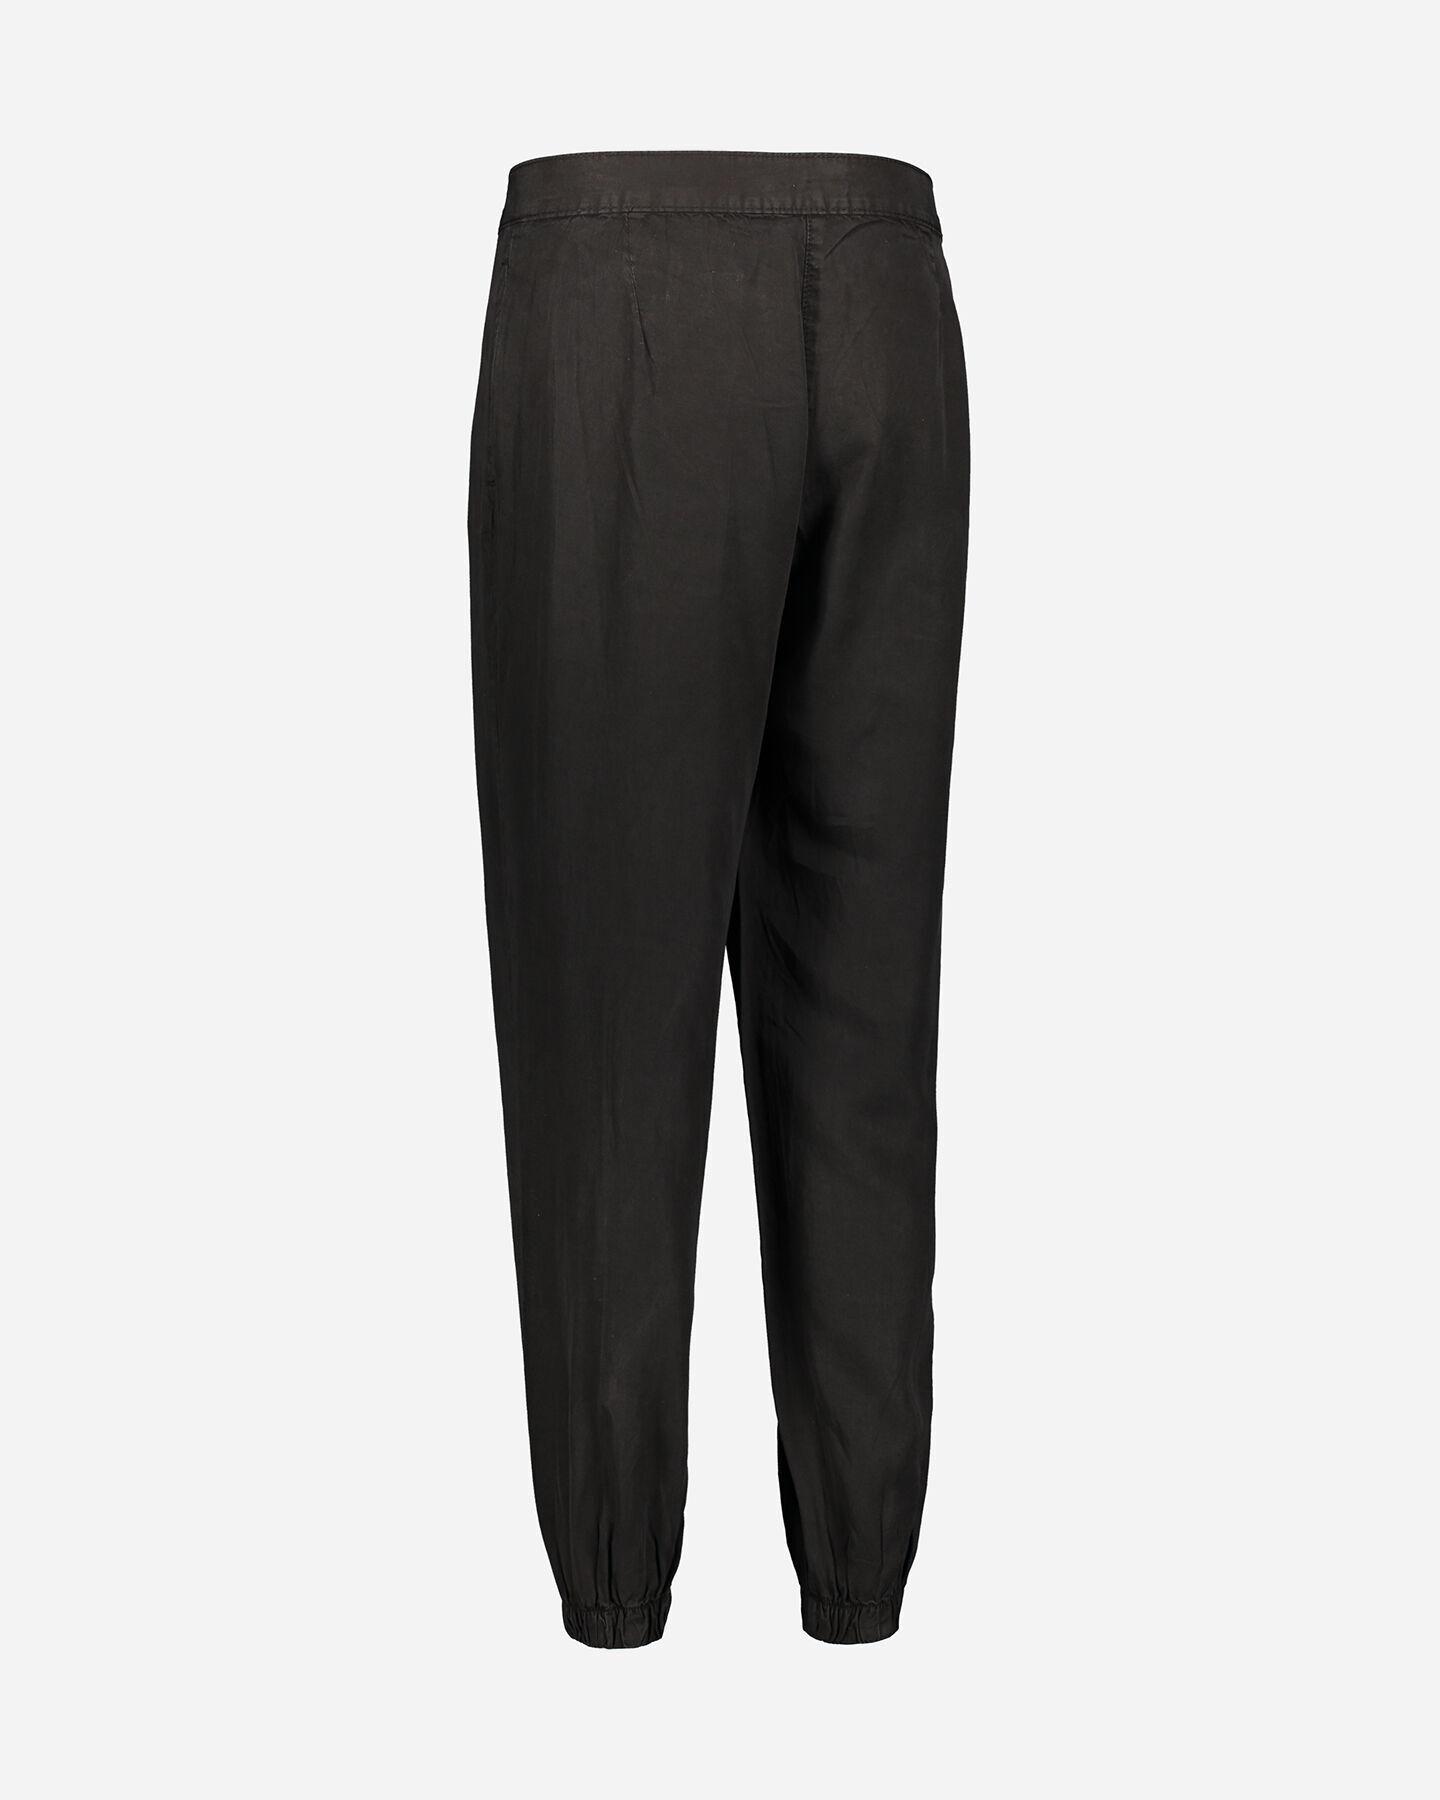 Pantalone DACK'S CUFF TENCEL W S4086726 scatto 5